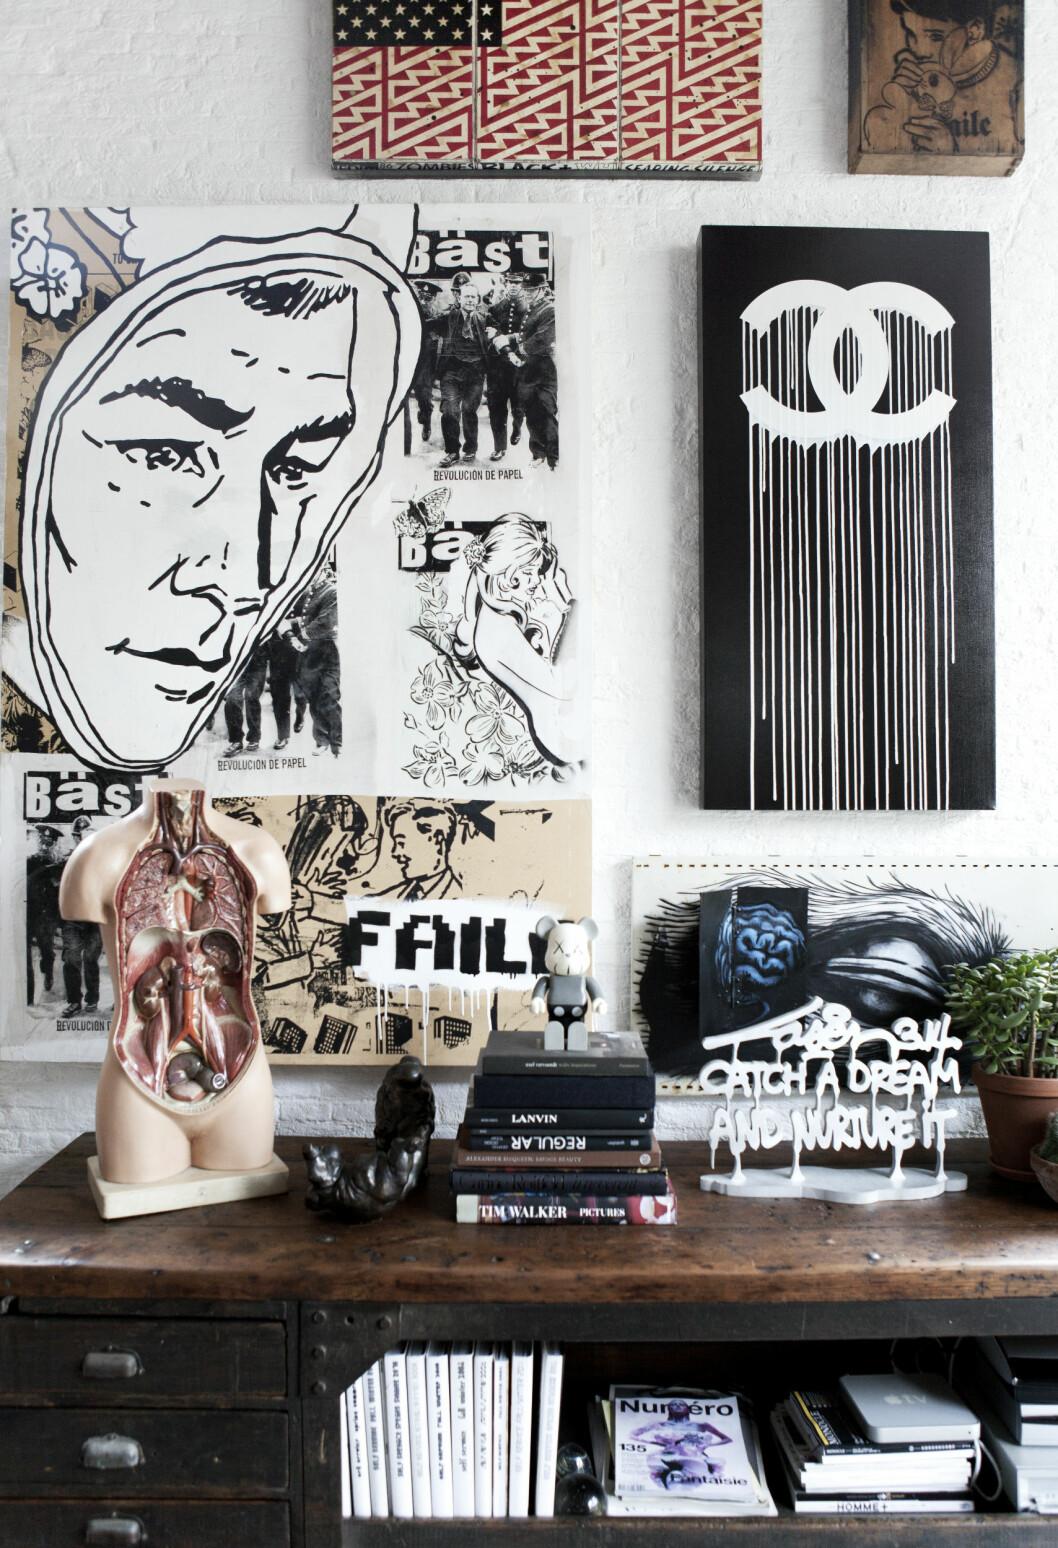 KUL KOMBINASJON: Nøkkelen til innredningssuksess for Mark og Bianca ligger helt klart i hvordan de klarer få inn så mye kunst og gjenstander i en liten leilighet uten at det ser rotete ut. Legg særlig merke til hvordan bøkene stables. Foto: Pernille Kaalund/House of Pictures